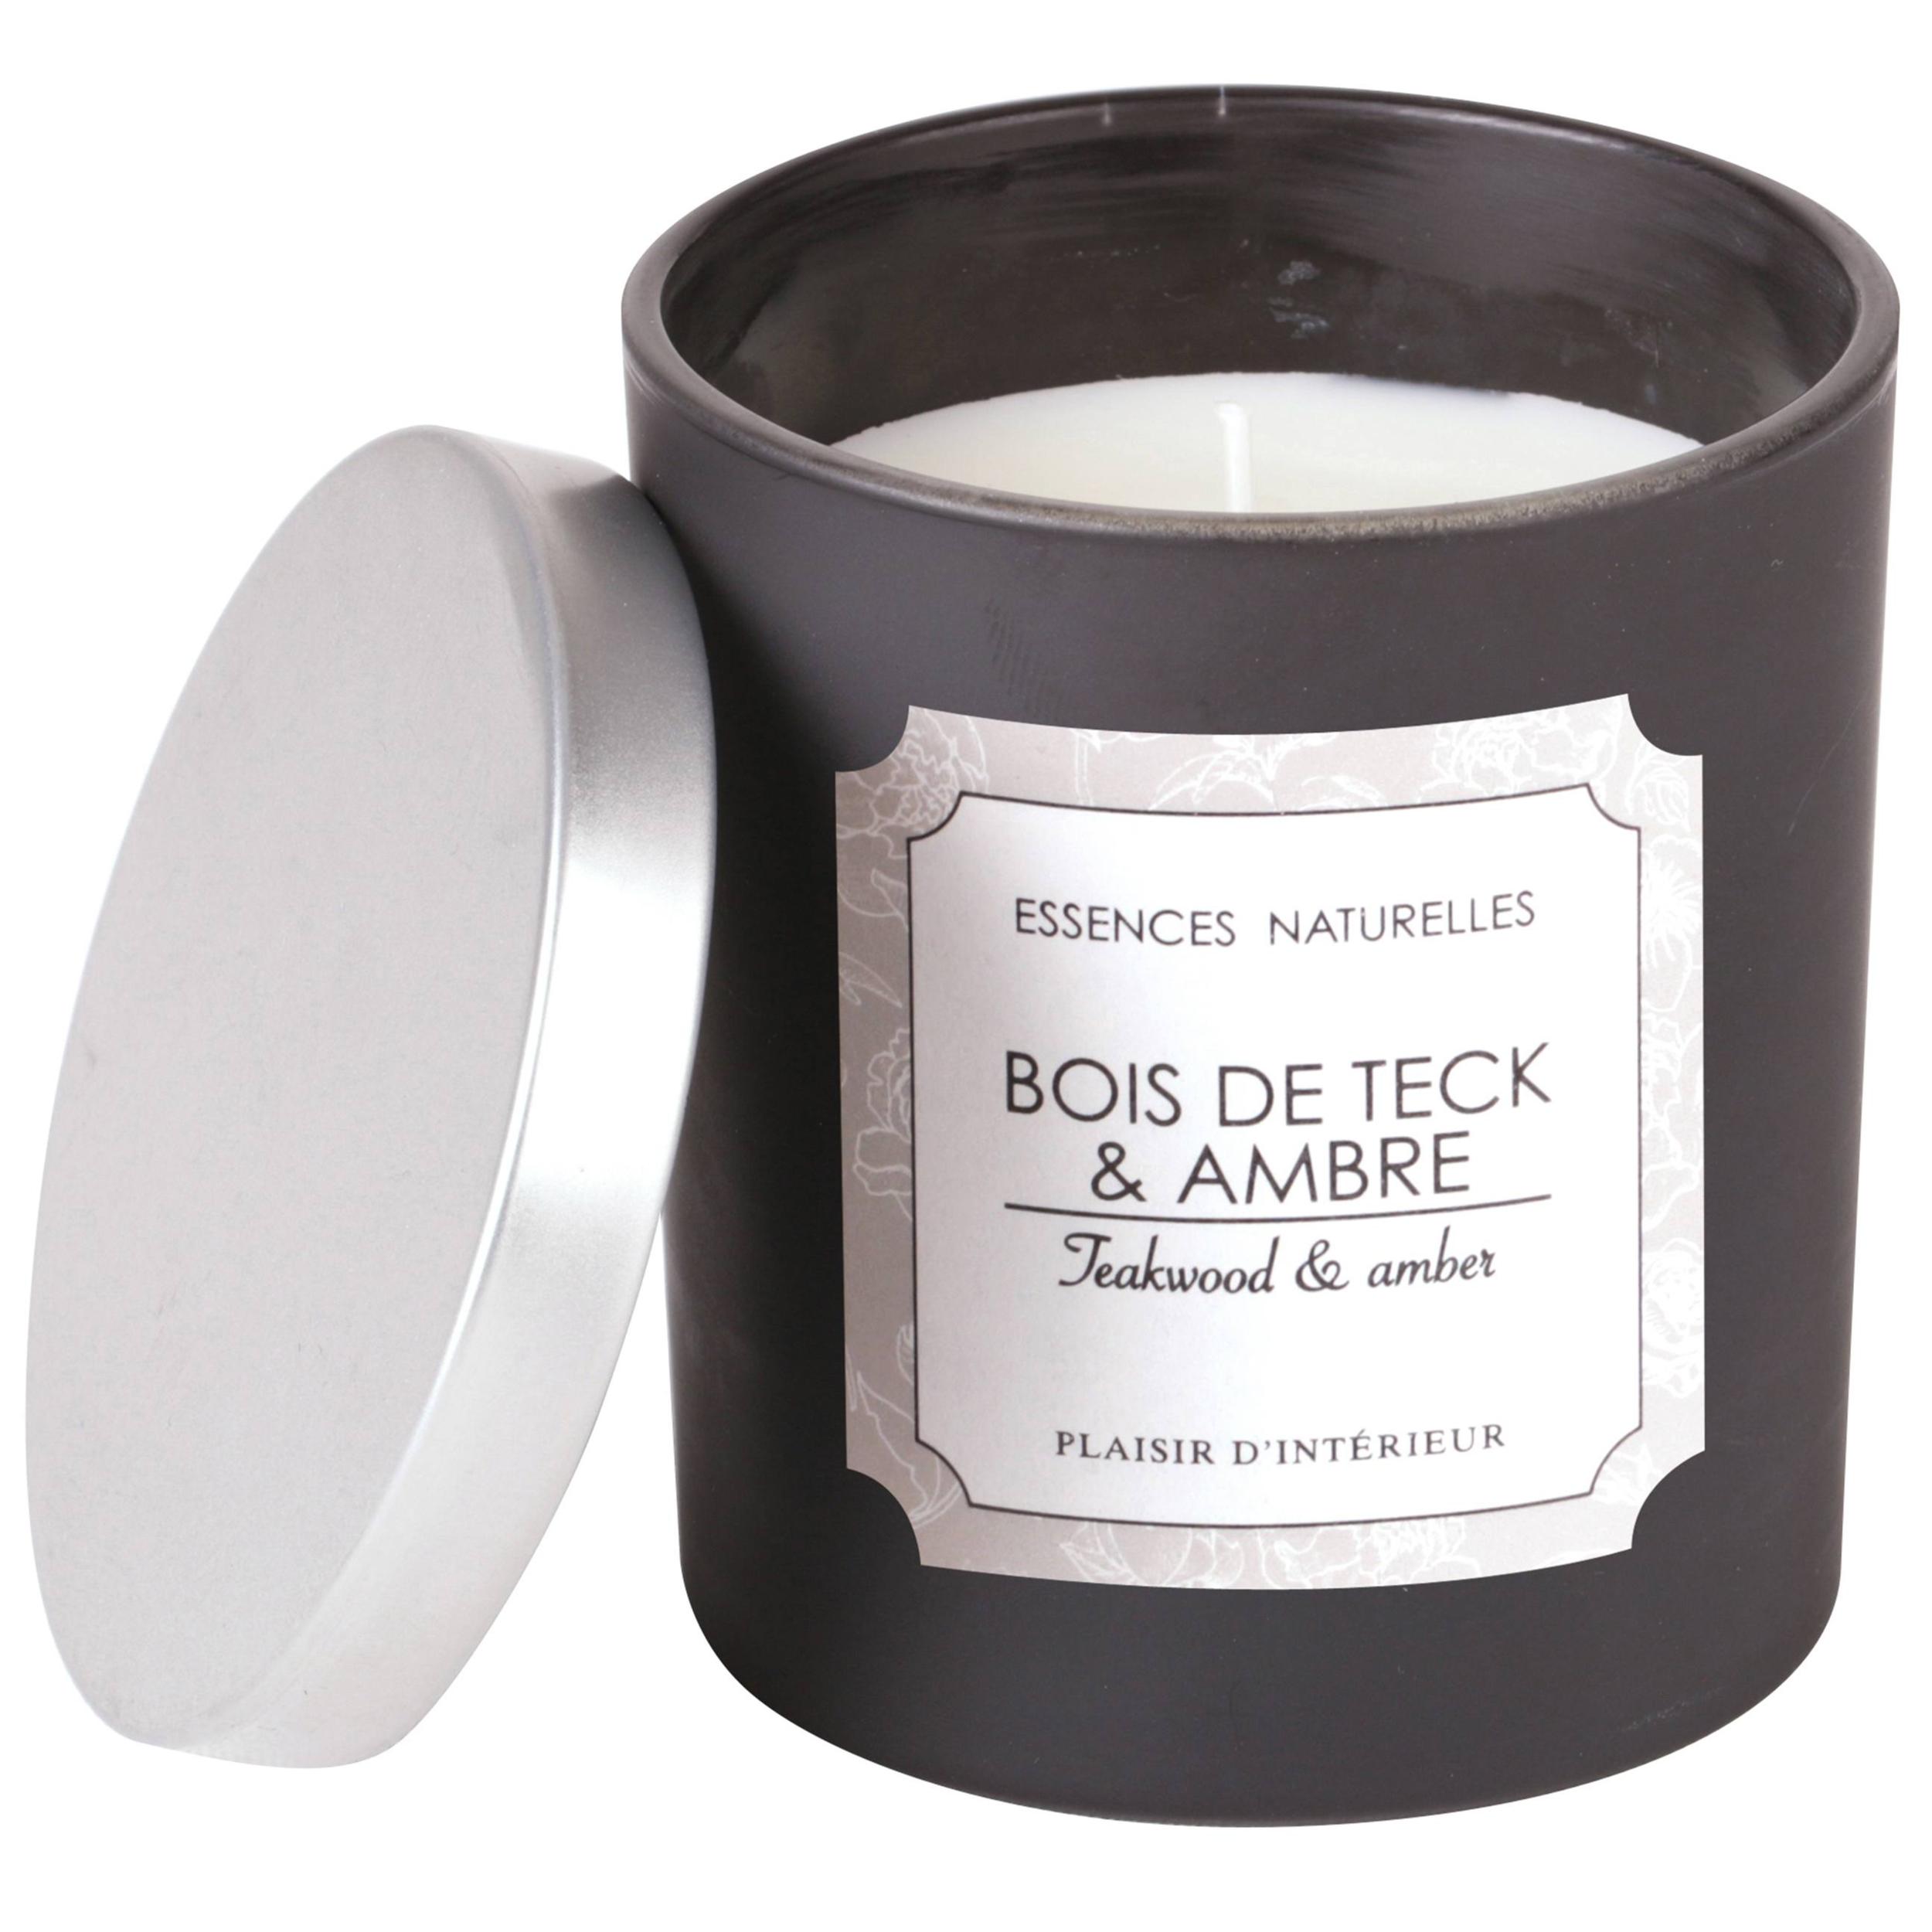 BOUGIE PARFUMEE BOIS DE TECK & AMBRE (S)